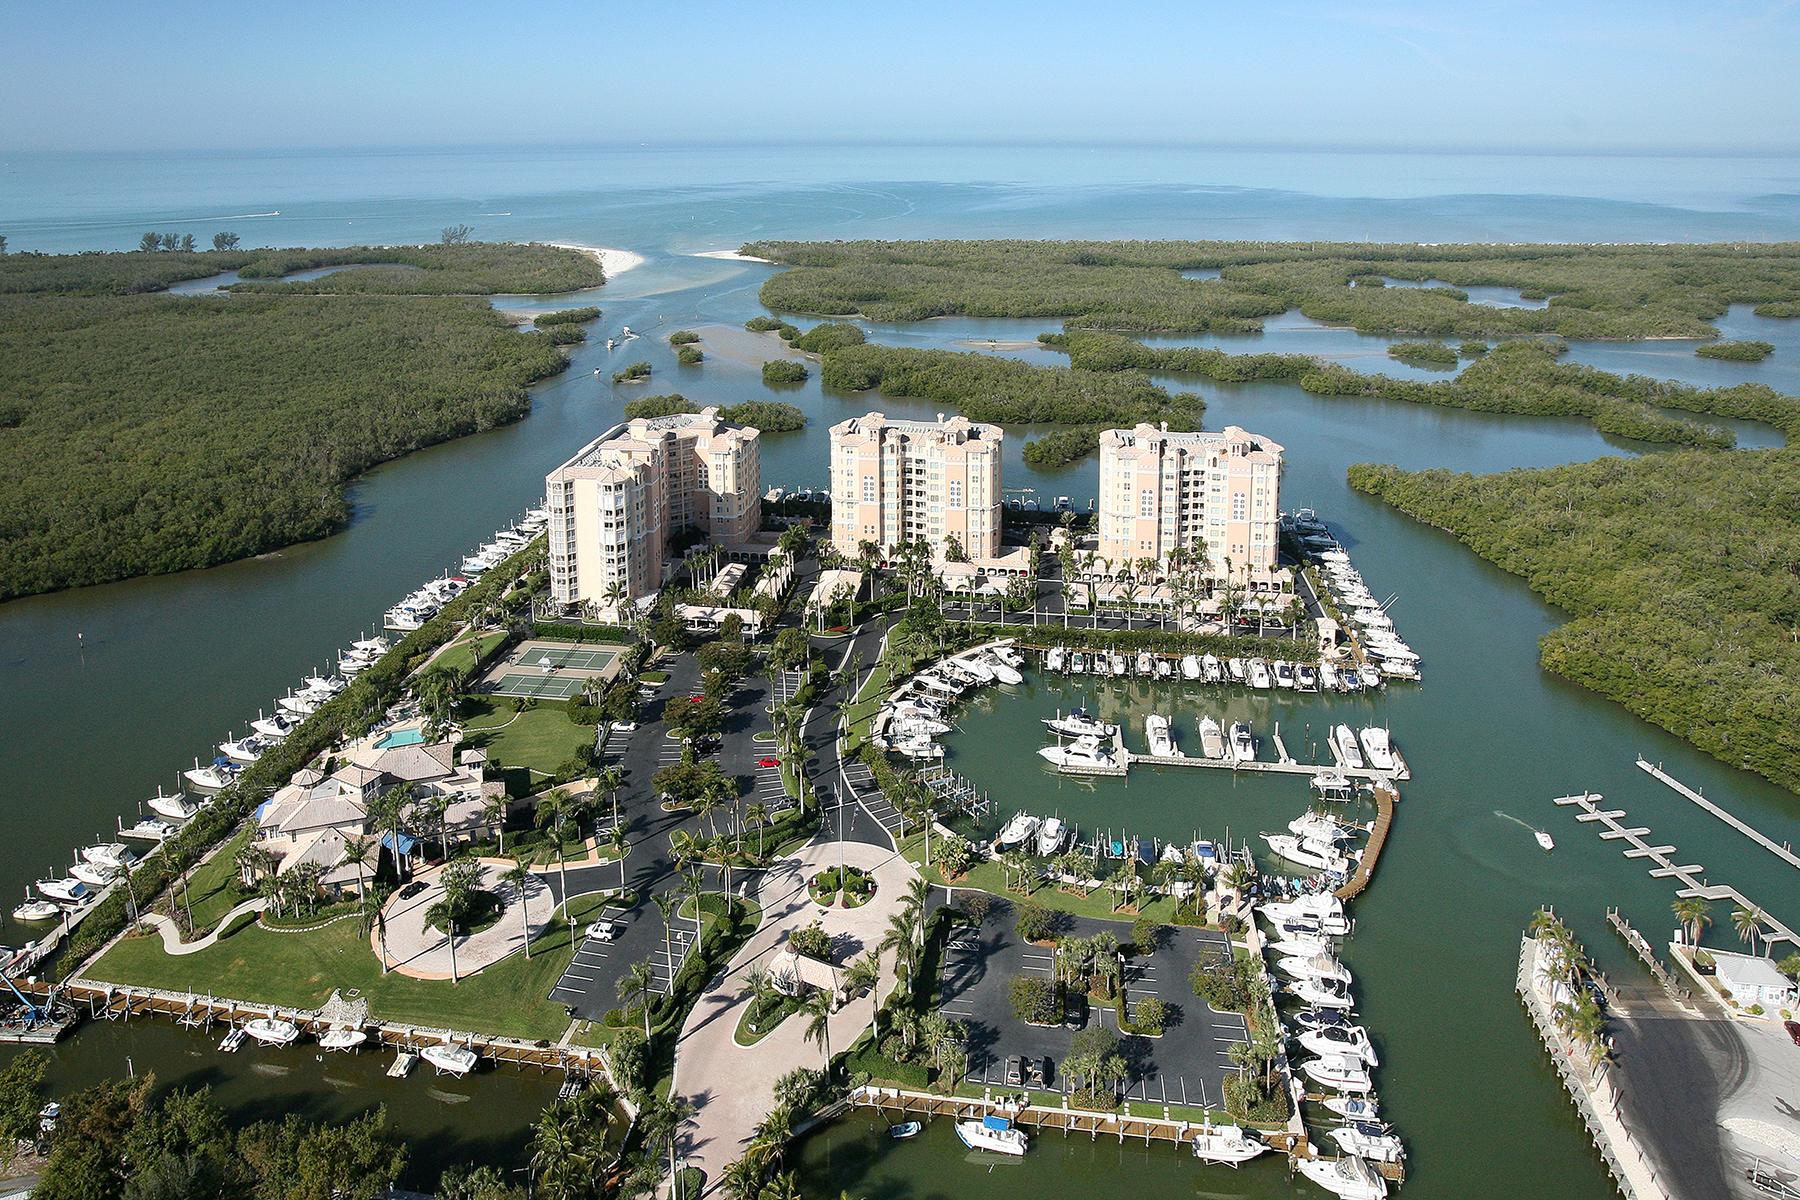 Condomínio para Venda às PELICAN ISLE 425 Dockside Dr 406 Naples, Florida 34110 Estados Unidos